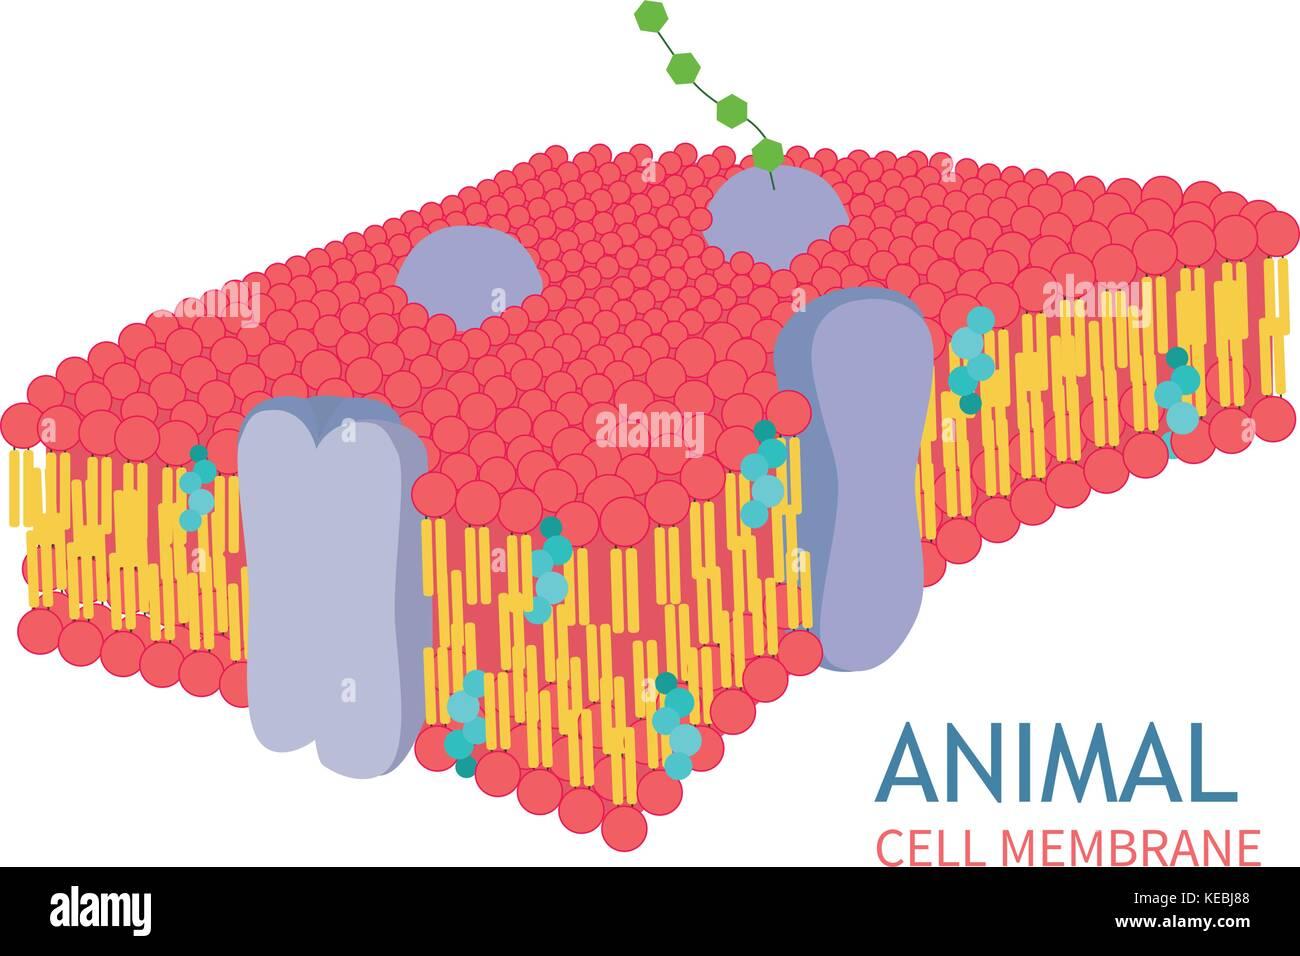 Tolle Anatomie Der Tierischen Zelle Fotos - Menschliche Anatomie ...